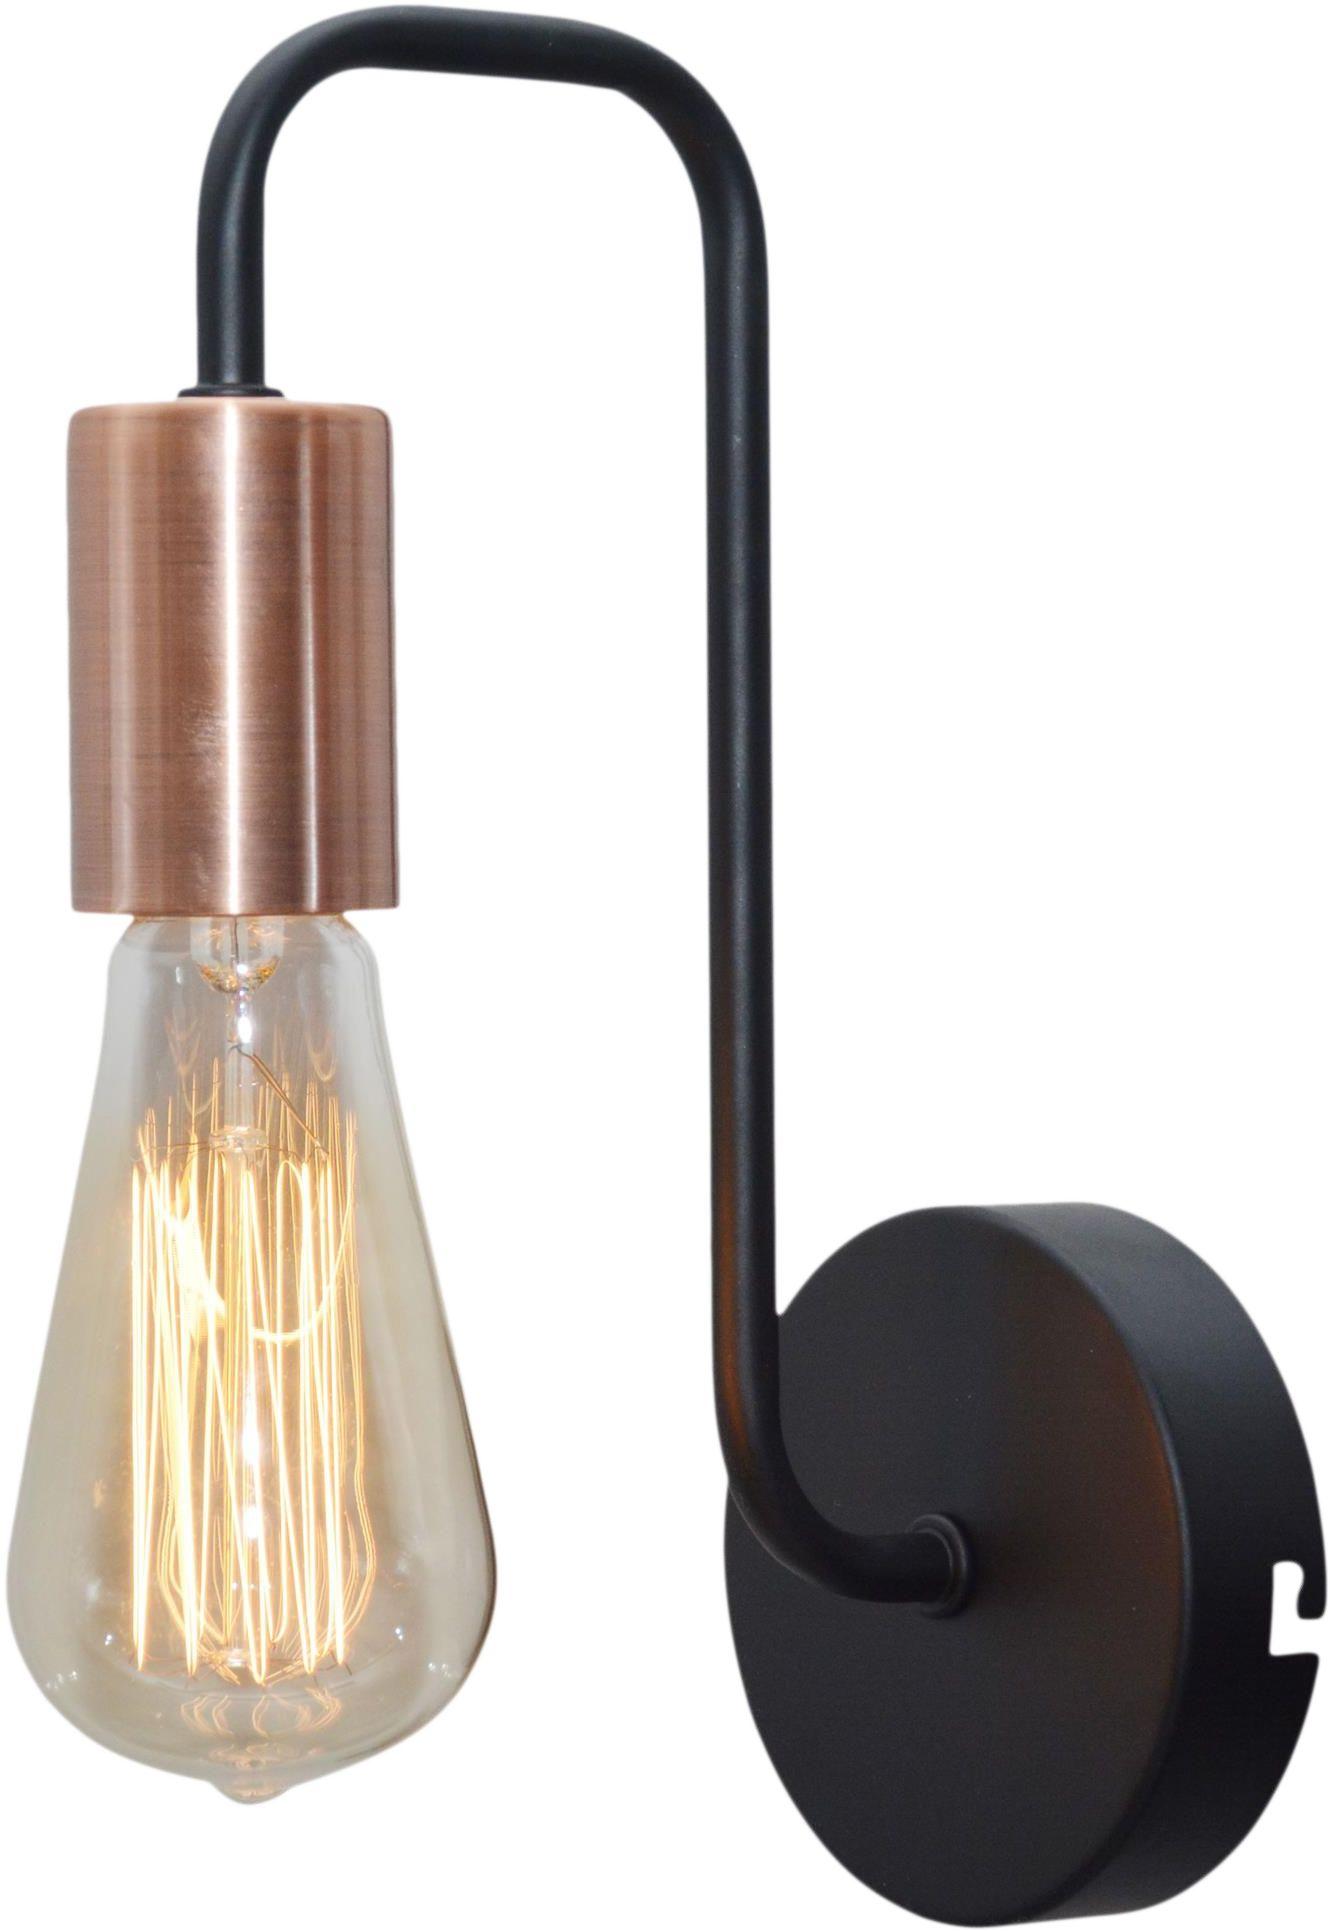 Candellux HERPE 21-66855 kinkiet lampa ścienna czarna 1X60W E27